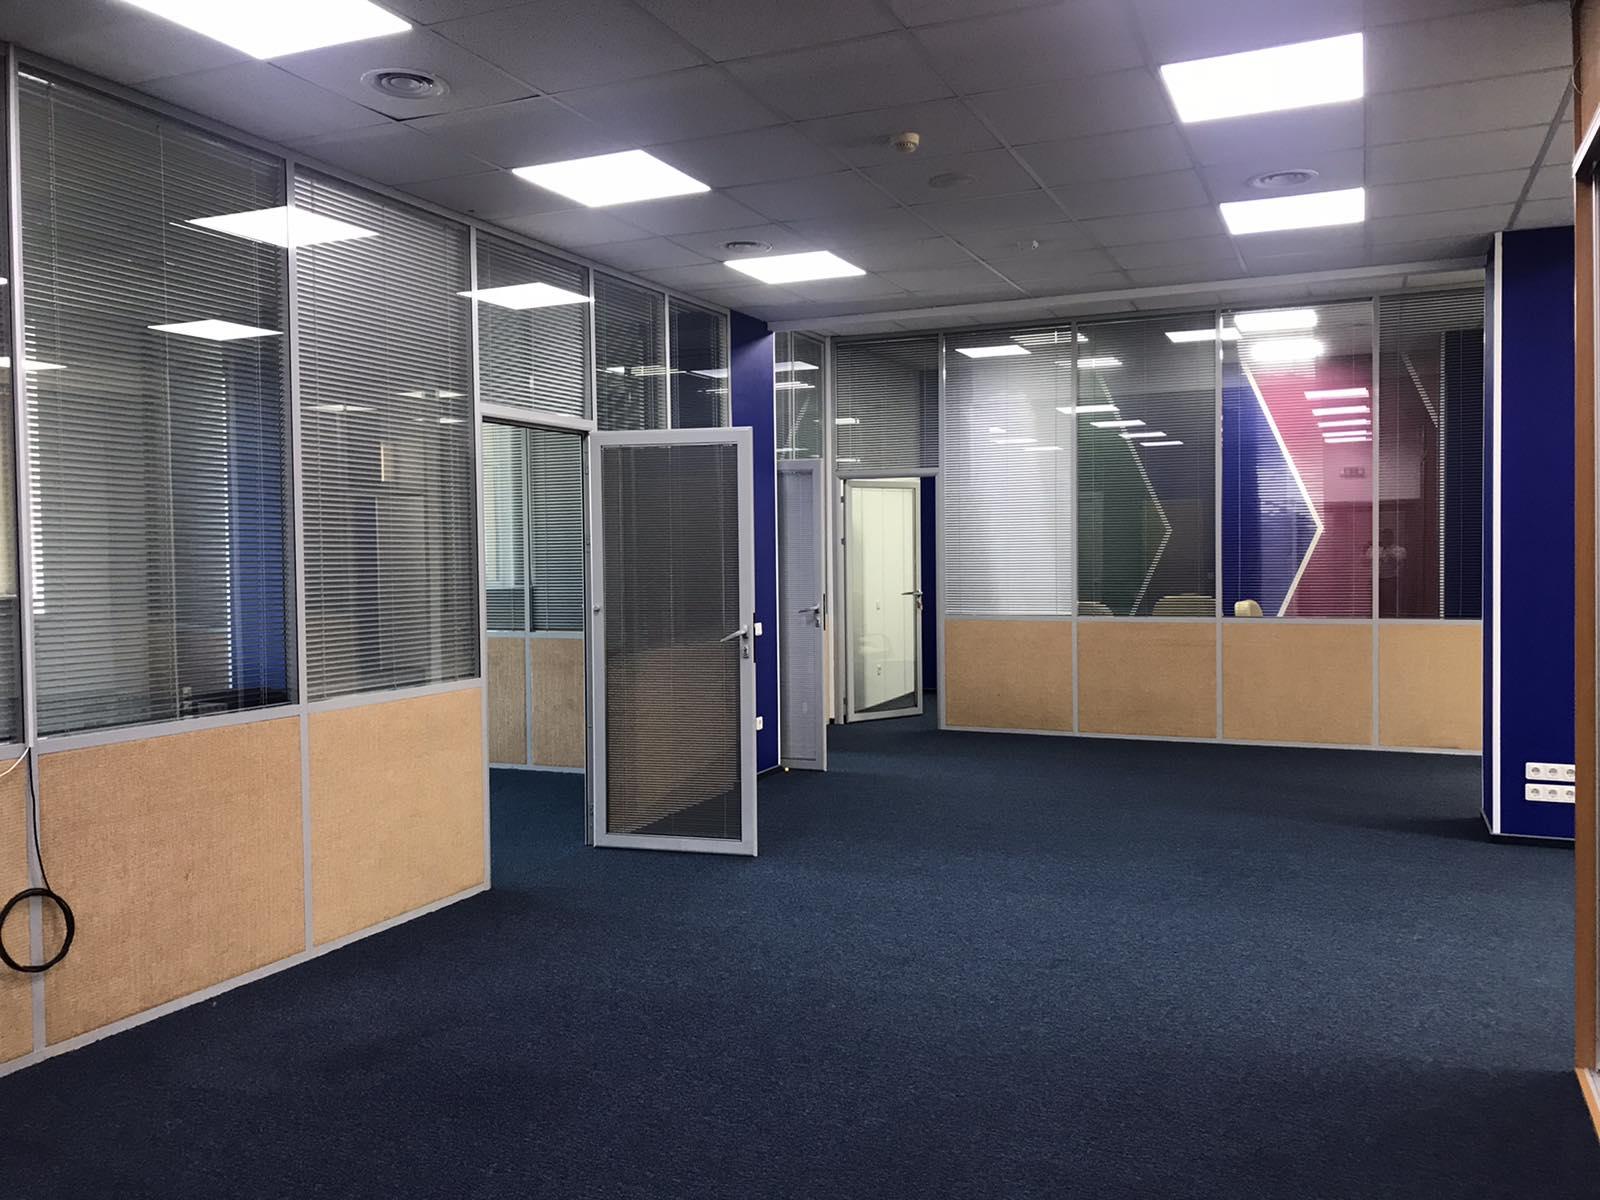 Бізнес-центр Іллінський (Illinsky) Фото 3